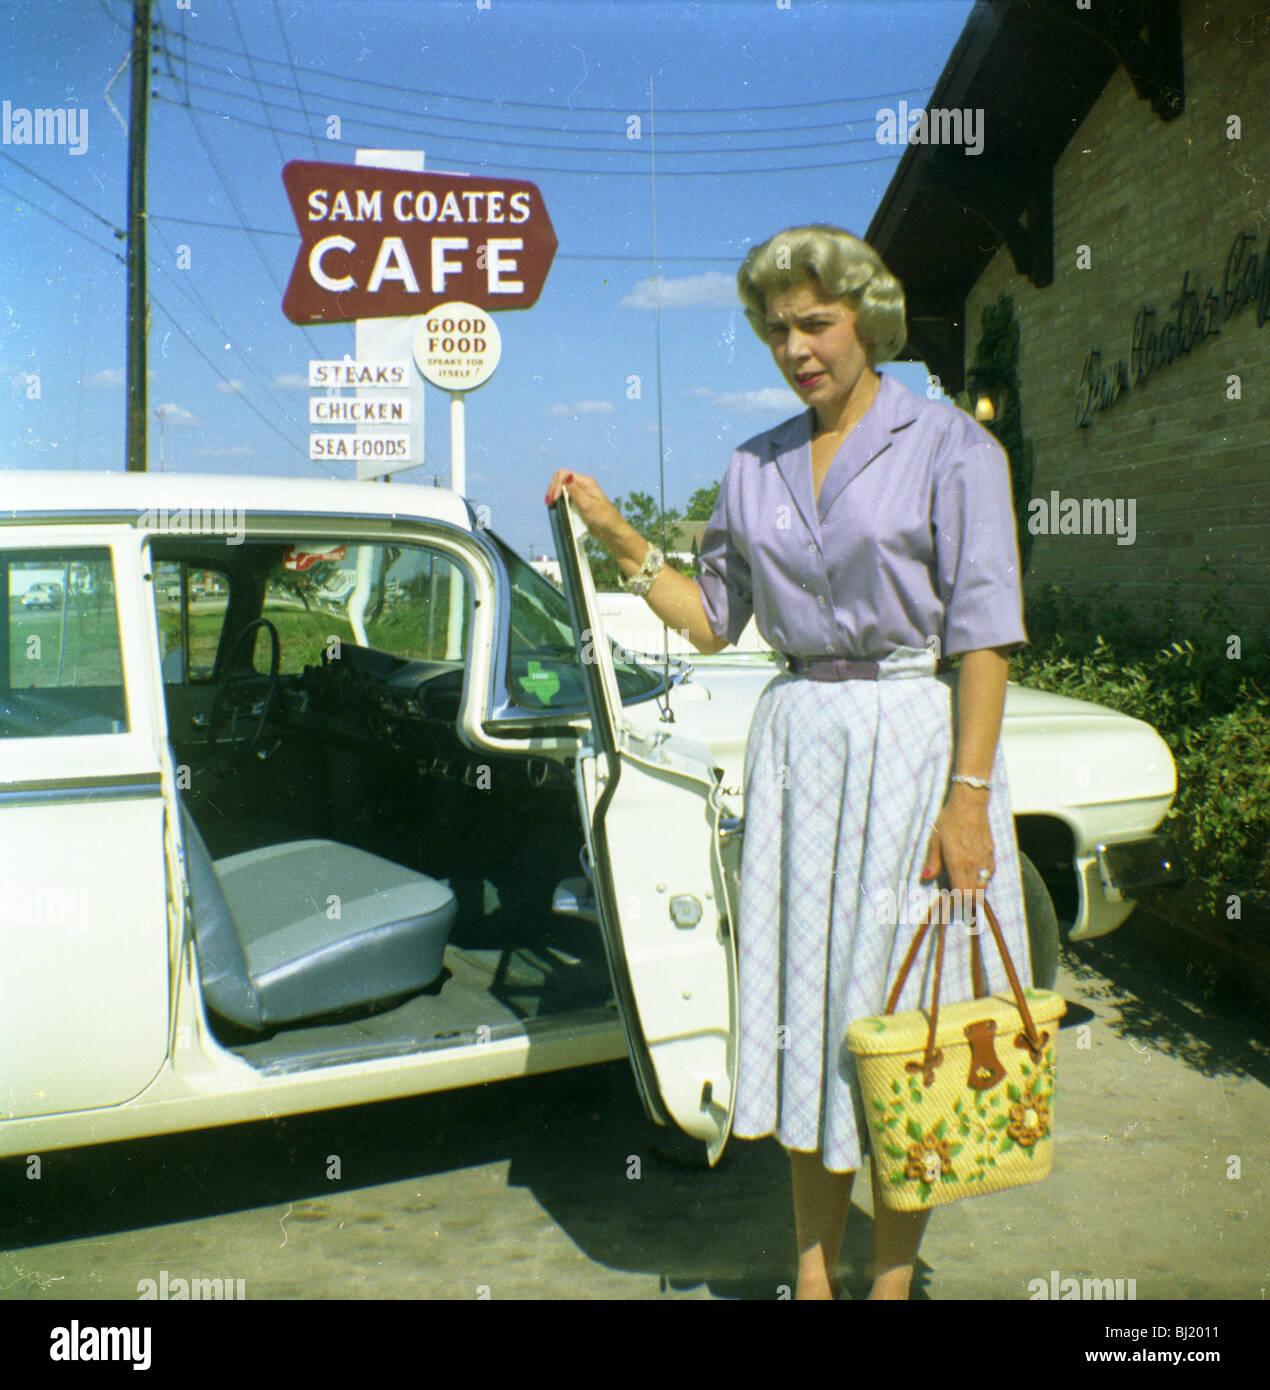 Una mujer abre la puerta de su automóvil fuera de la Sam Coates Cafe en Waco, Texas, a principios de la década Imagen De Stock